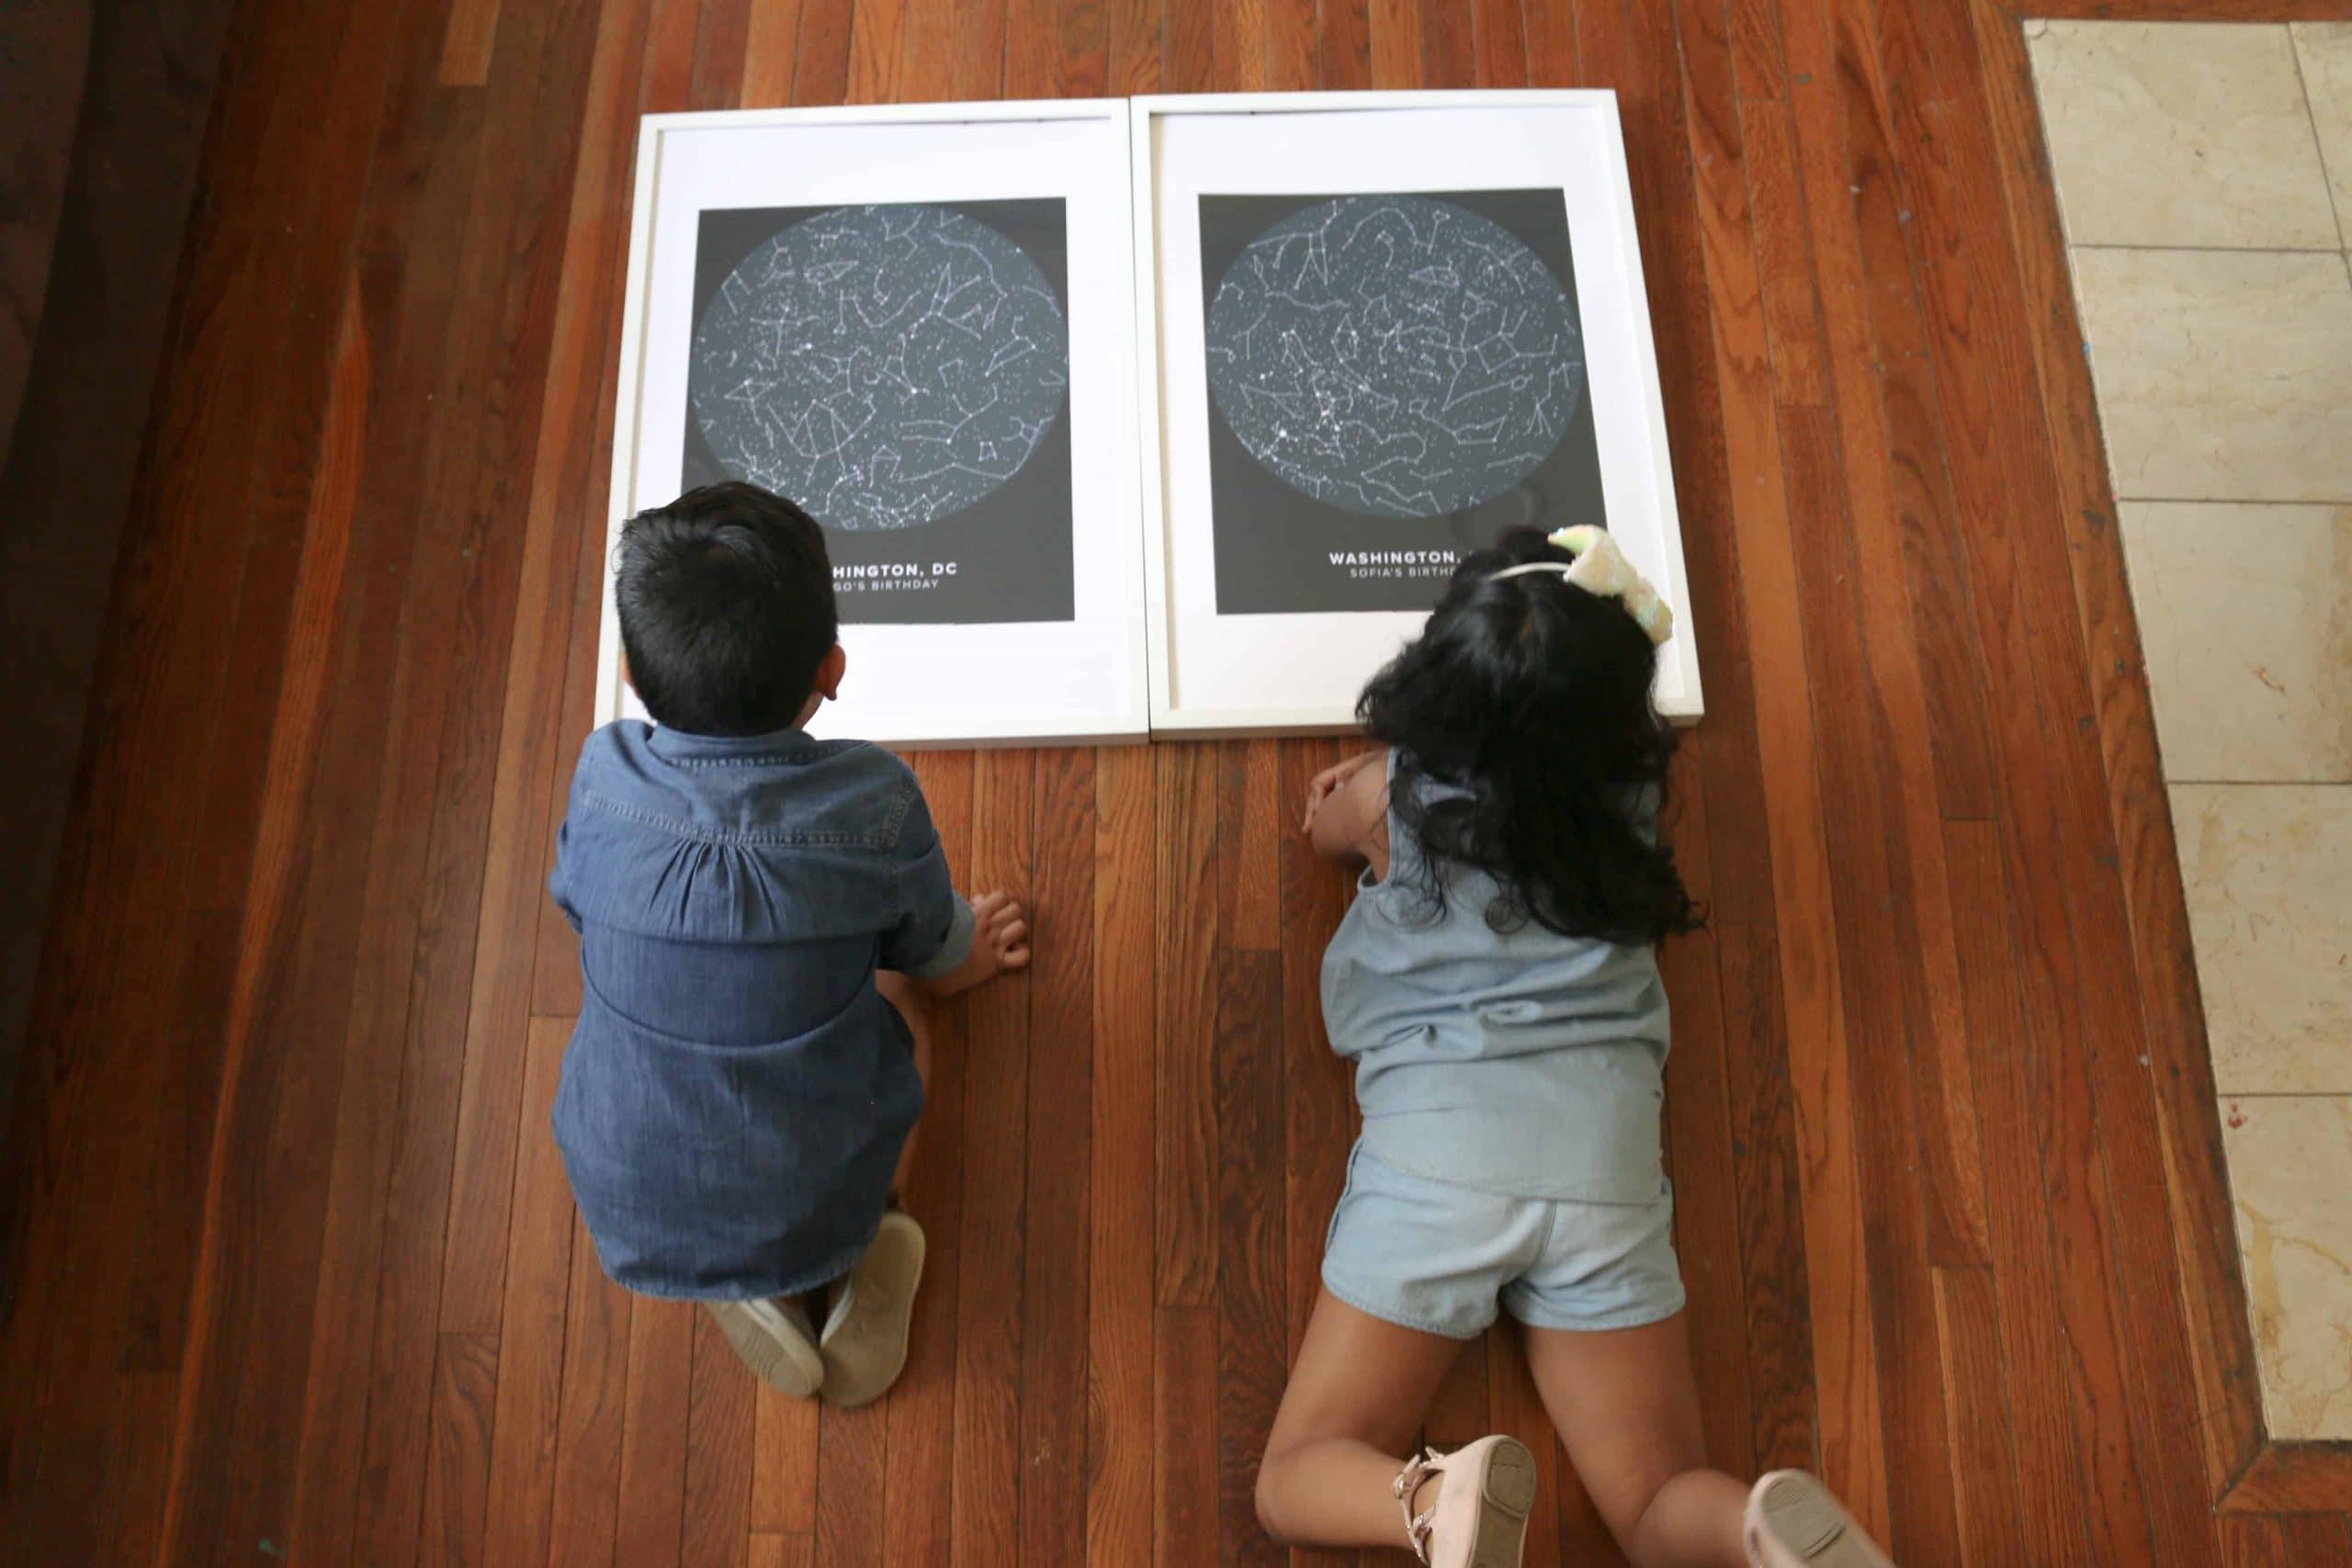 Mapa de las Estrellas Mapiful 2 scaled - Como se veía el mapa de las estrellas el día de tu Nacimiento